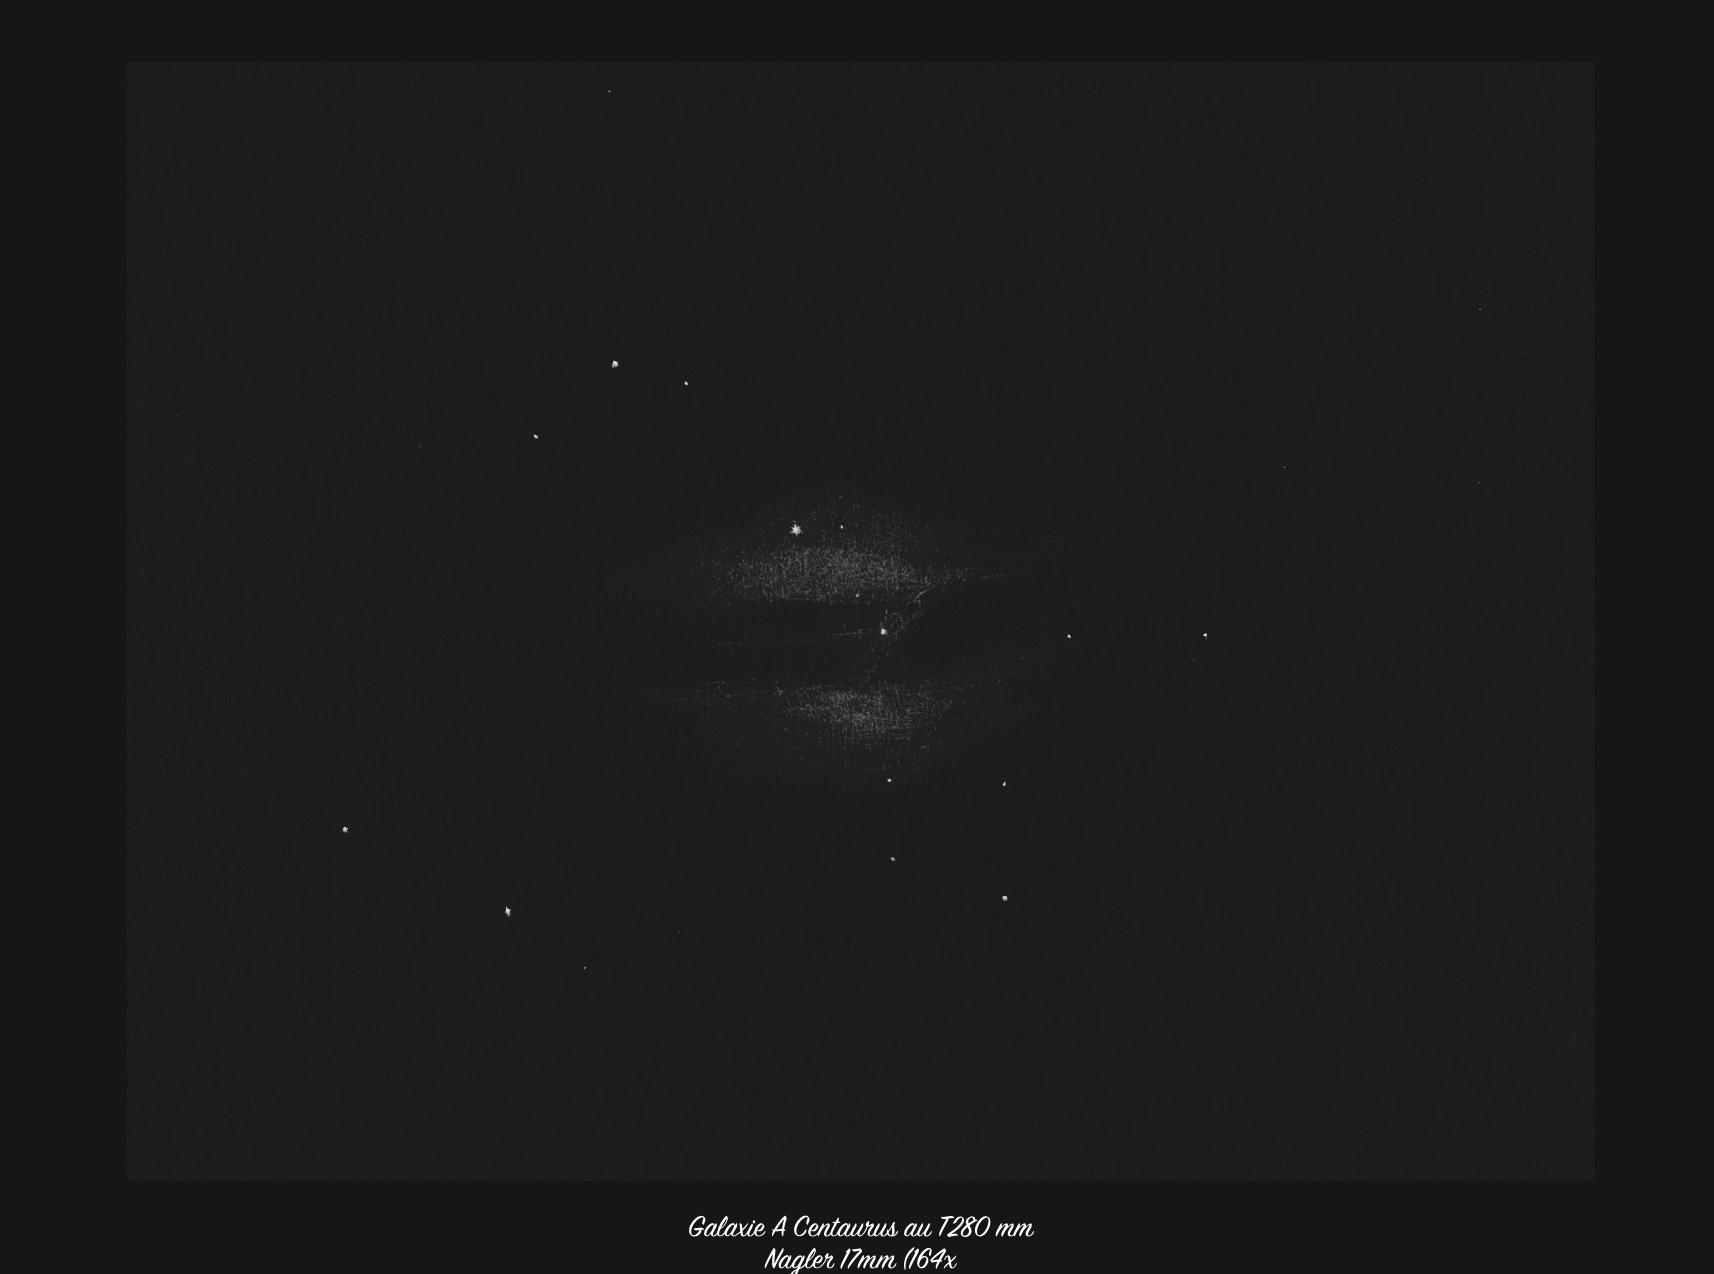 5aa7c2256cd2a_galaxieAcenturus.jpg.210af805696d506dac79f46ab8250b6e.jpg